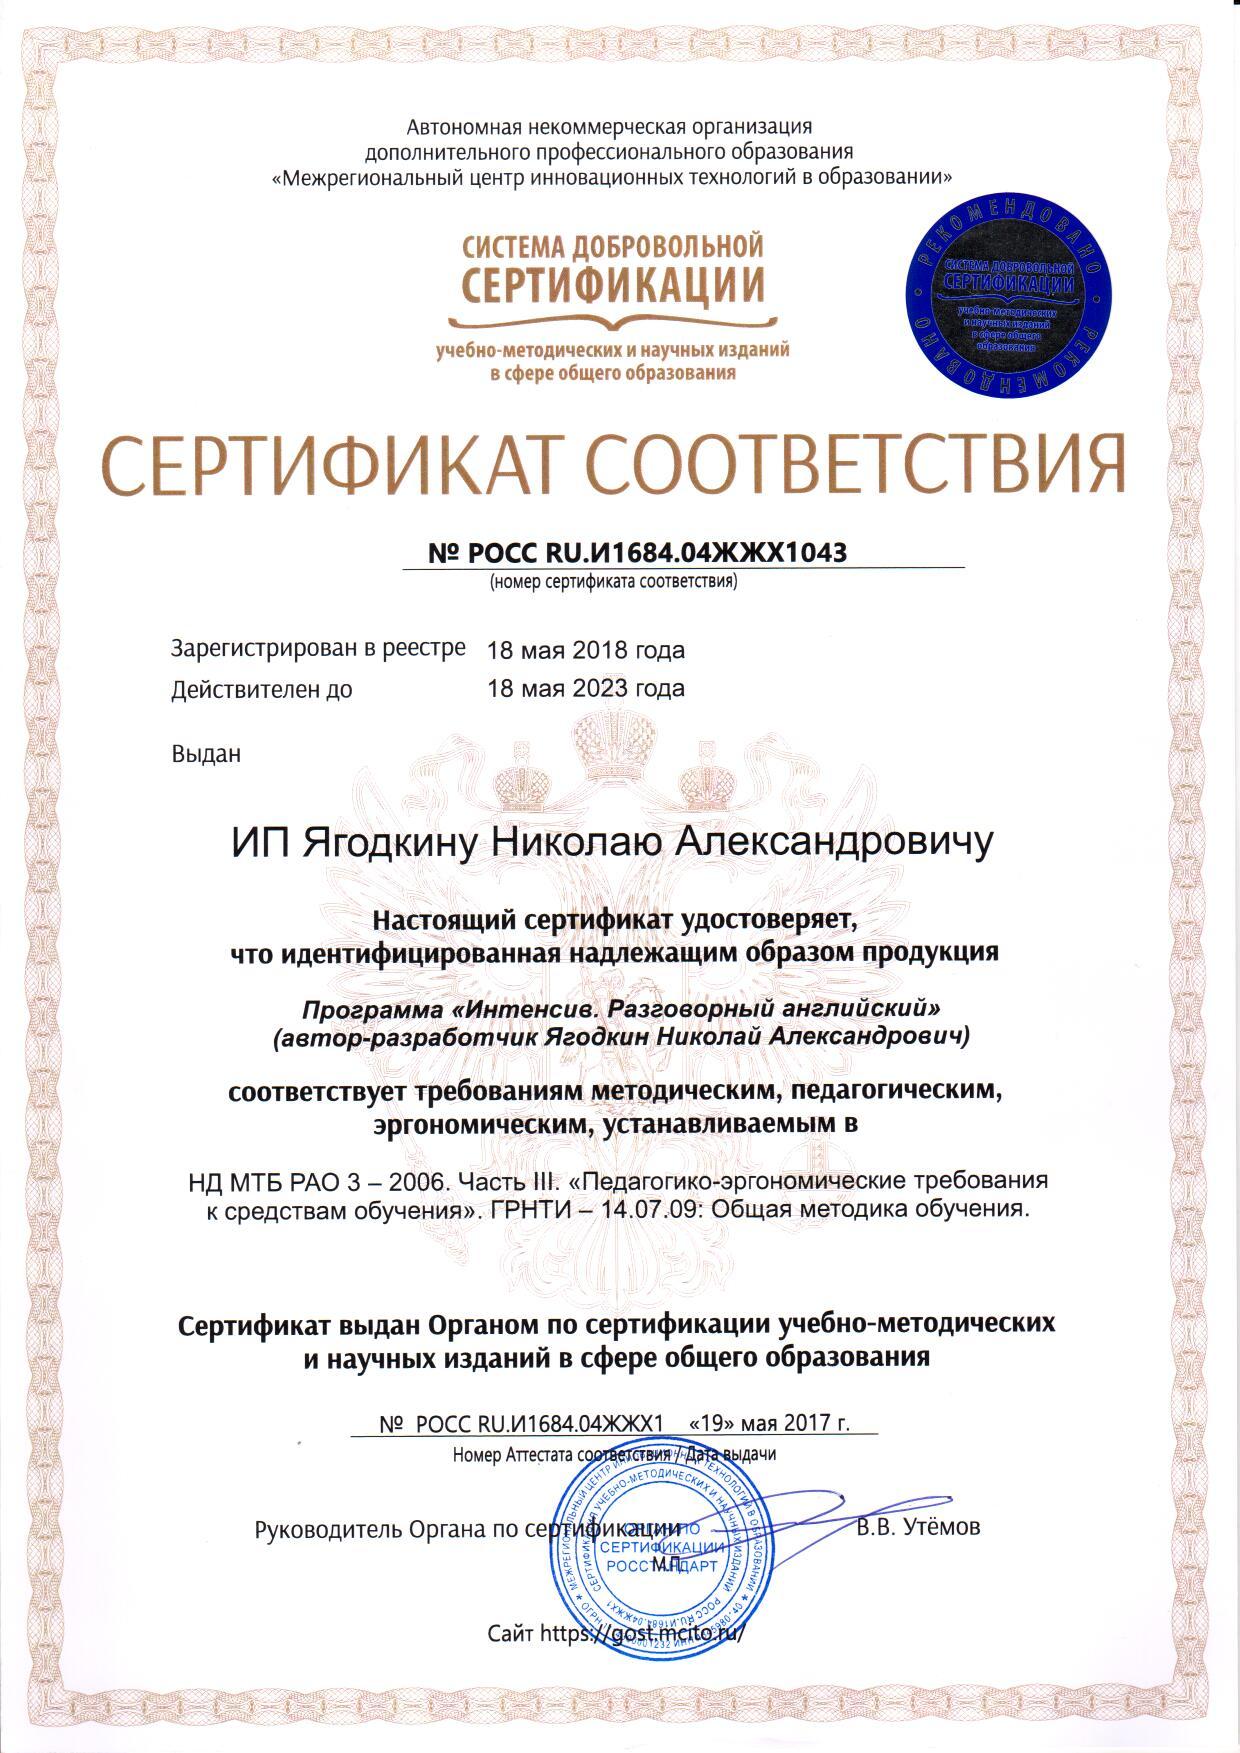 Н.А. Ягодкин. Сертификат соответствия методическим требованиям